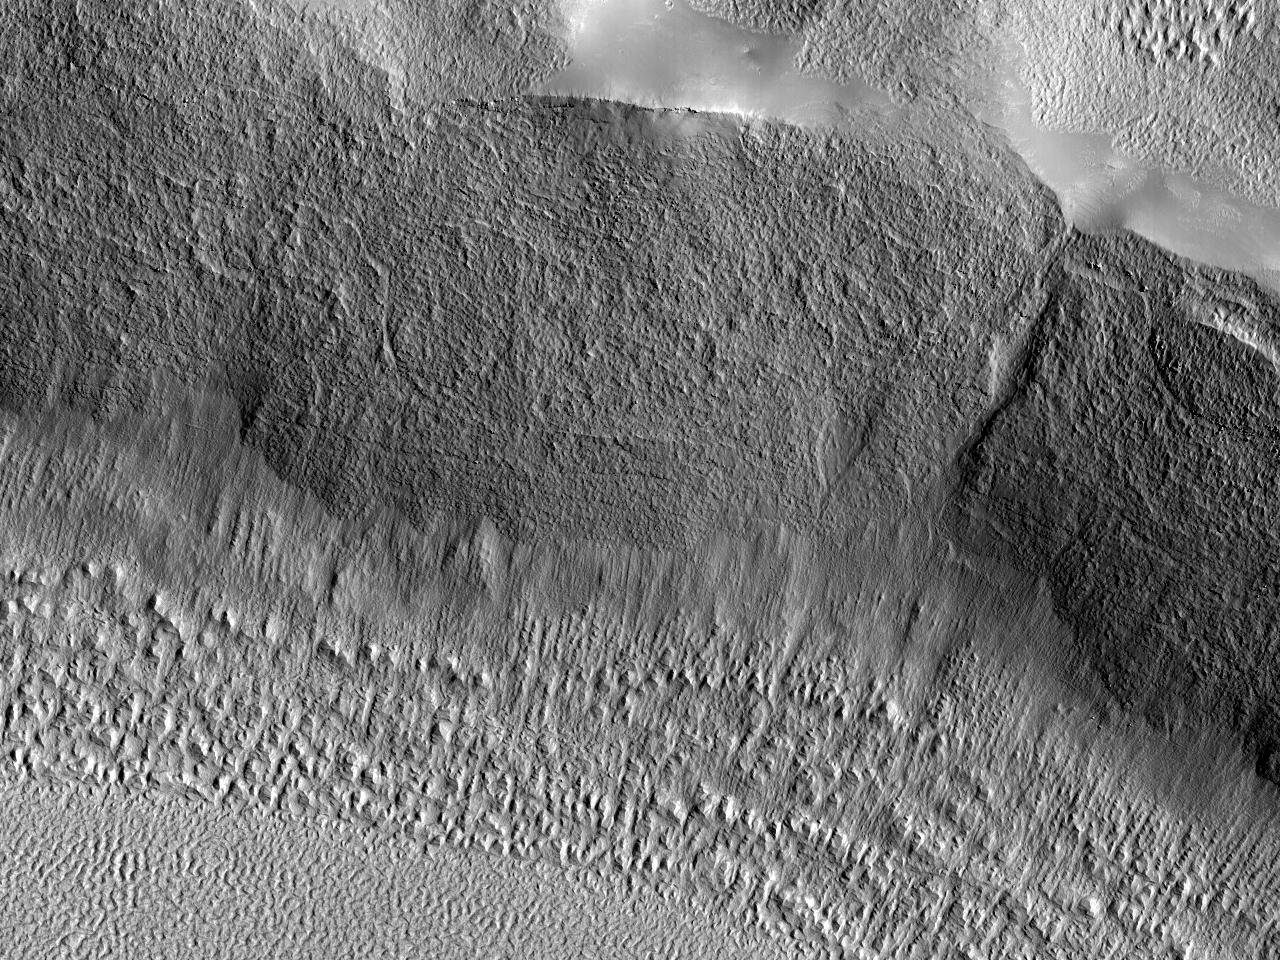 قنوات على حائط لفوهة تصادمية فى أرابيا تيرا (Arabia Terra)